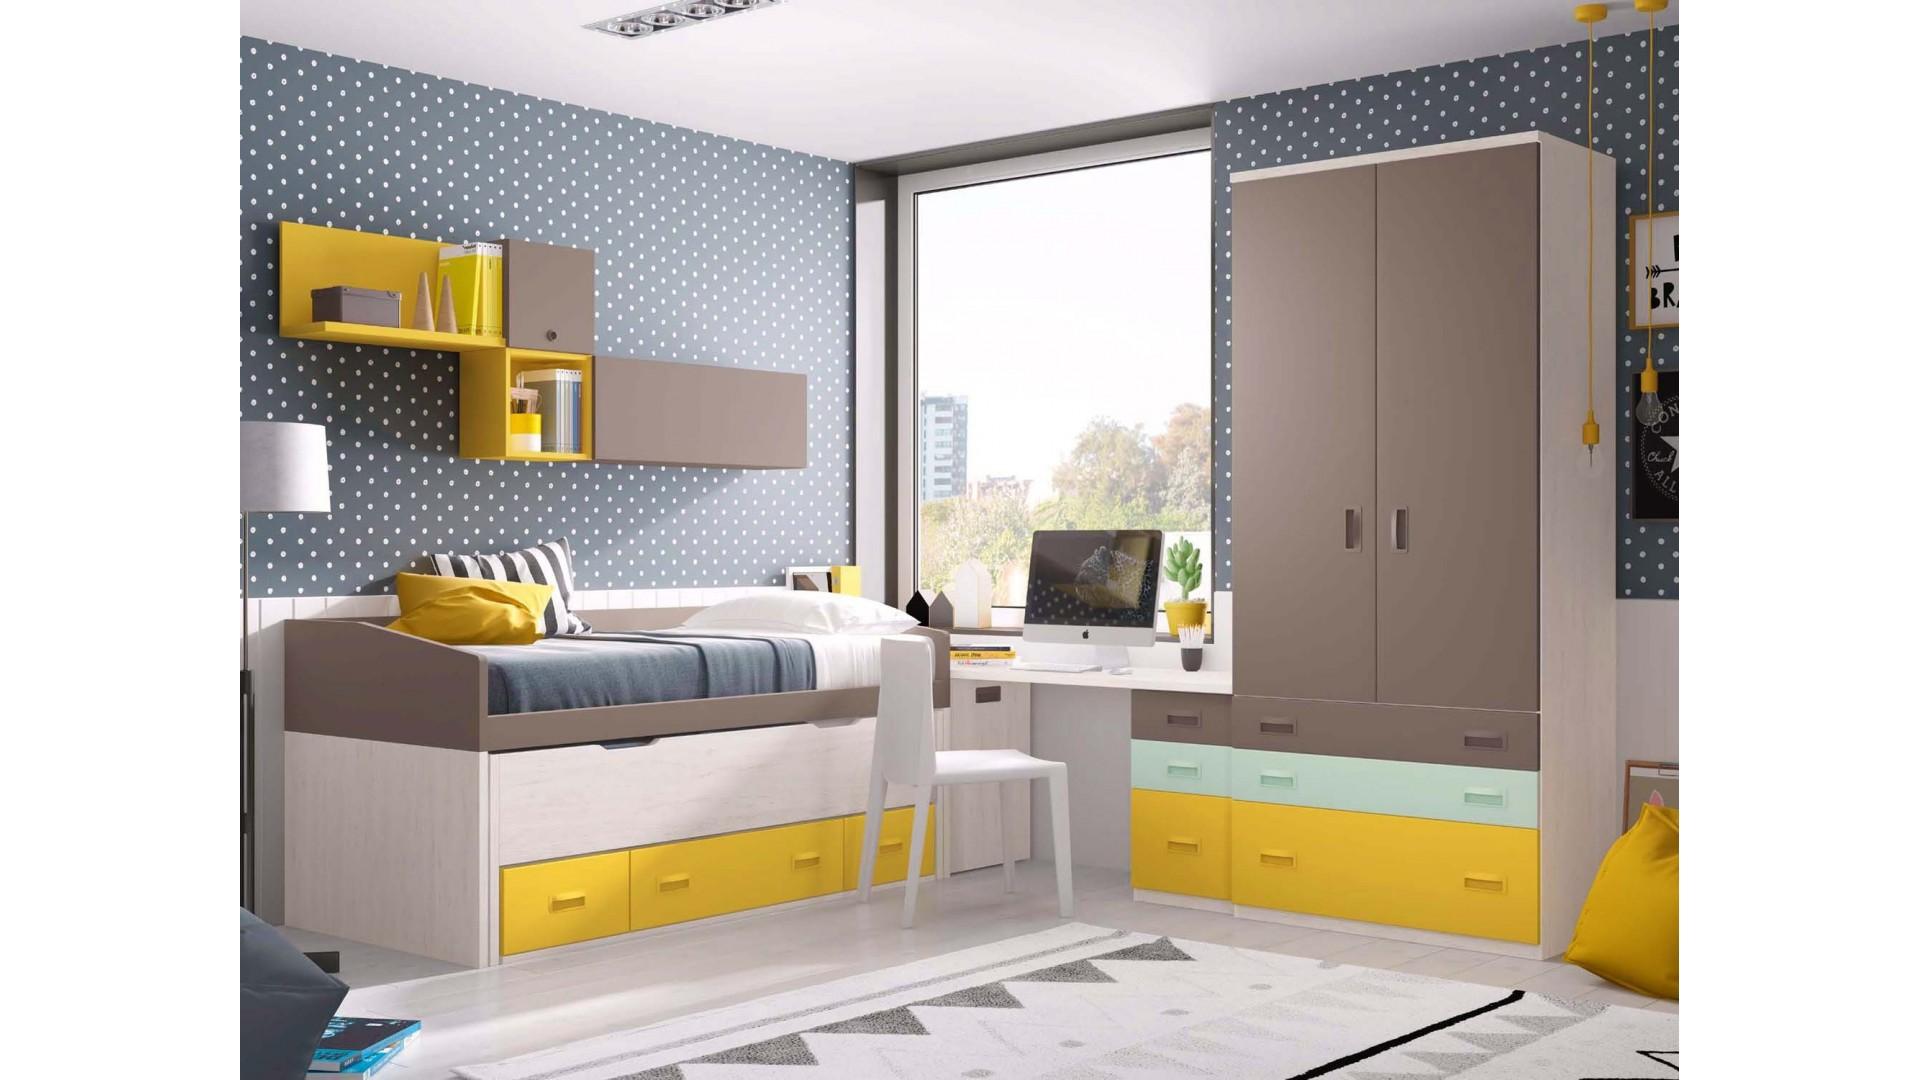 Chambre a coucher moderne PERSONNALISABLE F021- GLICERIO